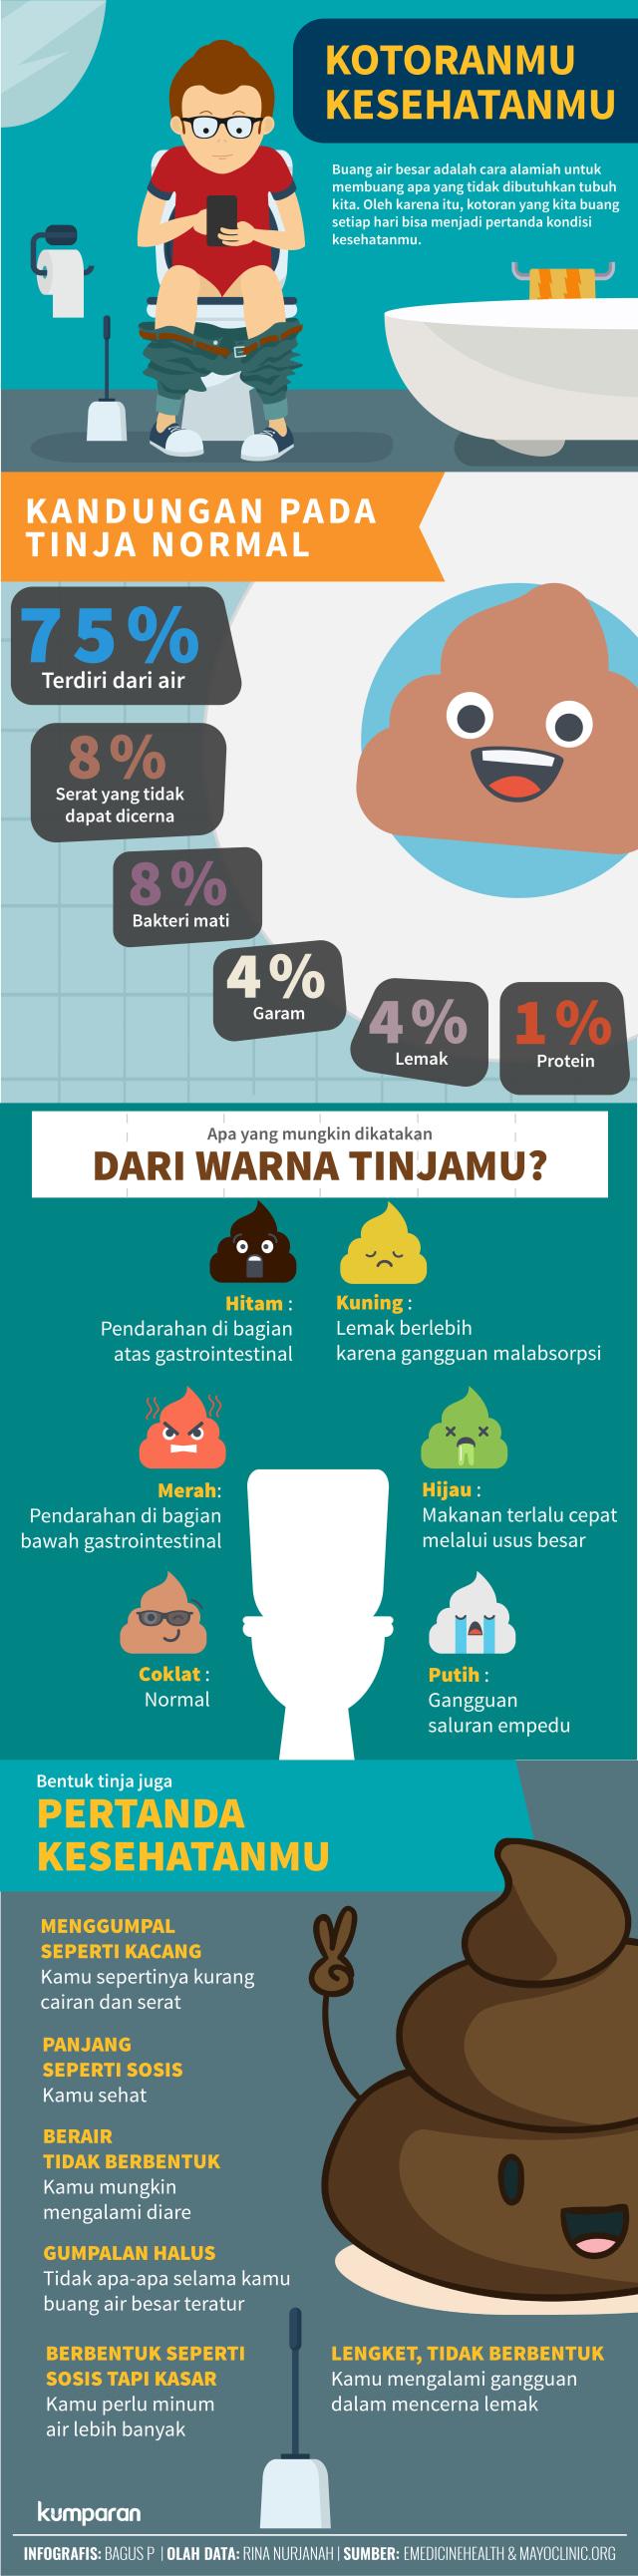 Infografis Tinja dan Kesehatan